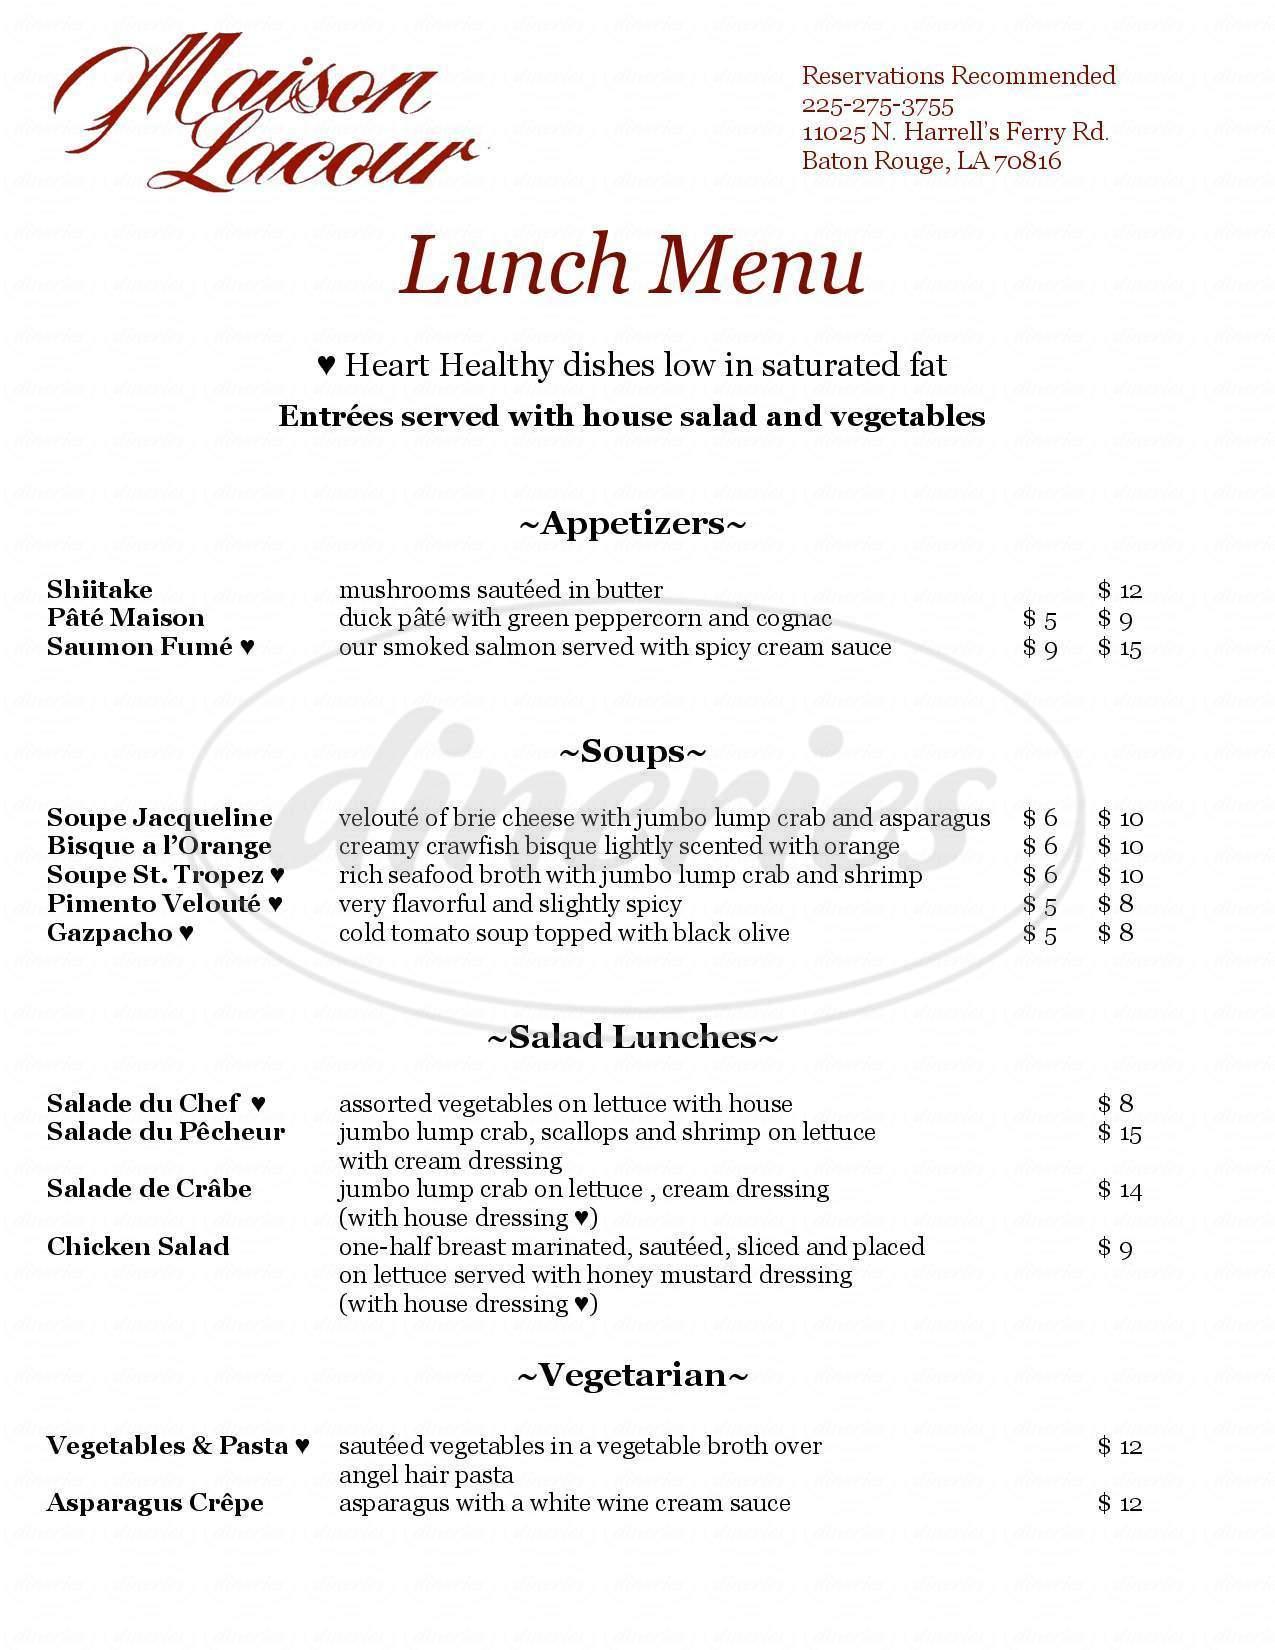 menu for Maison Lacour